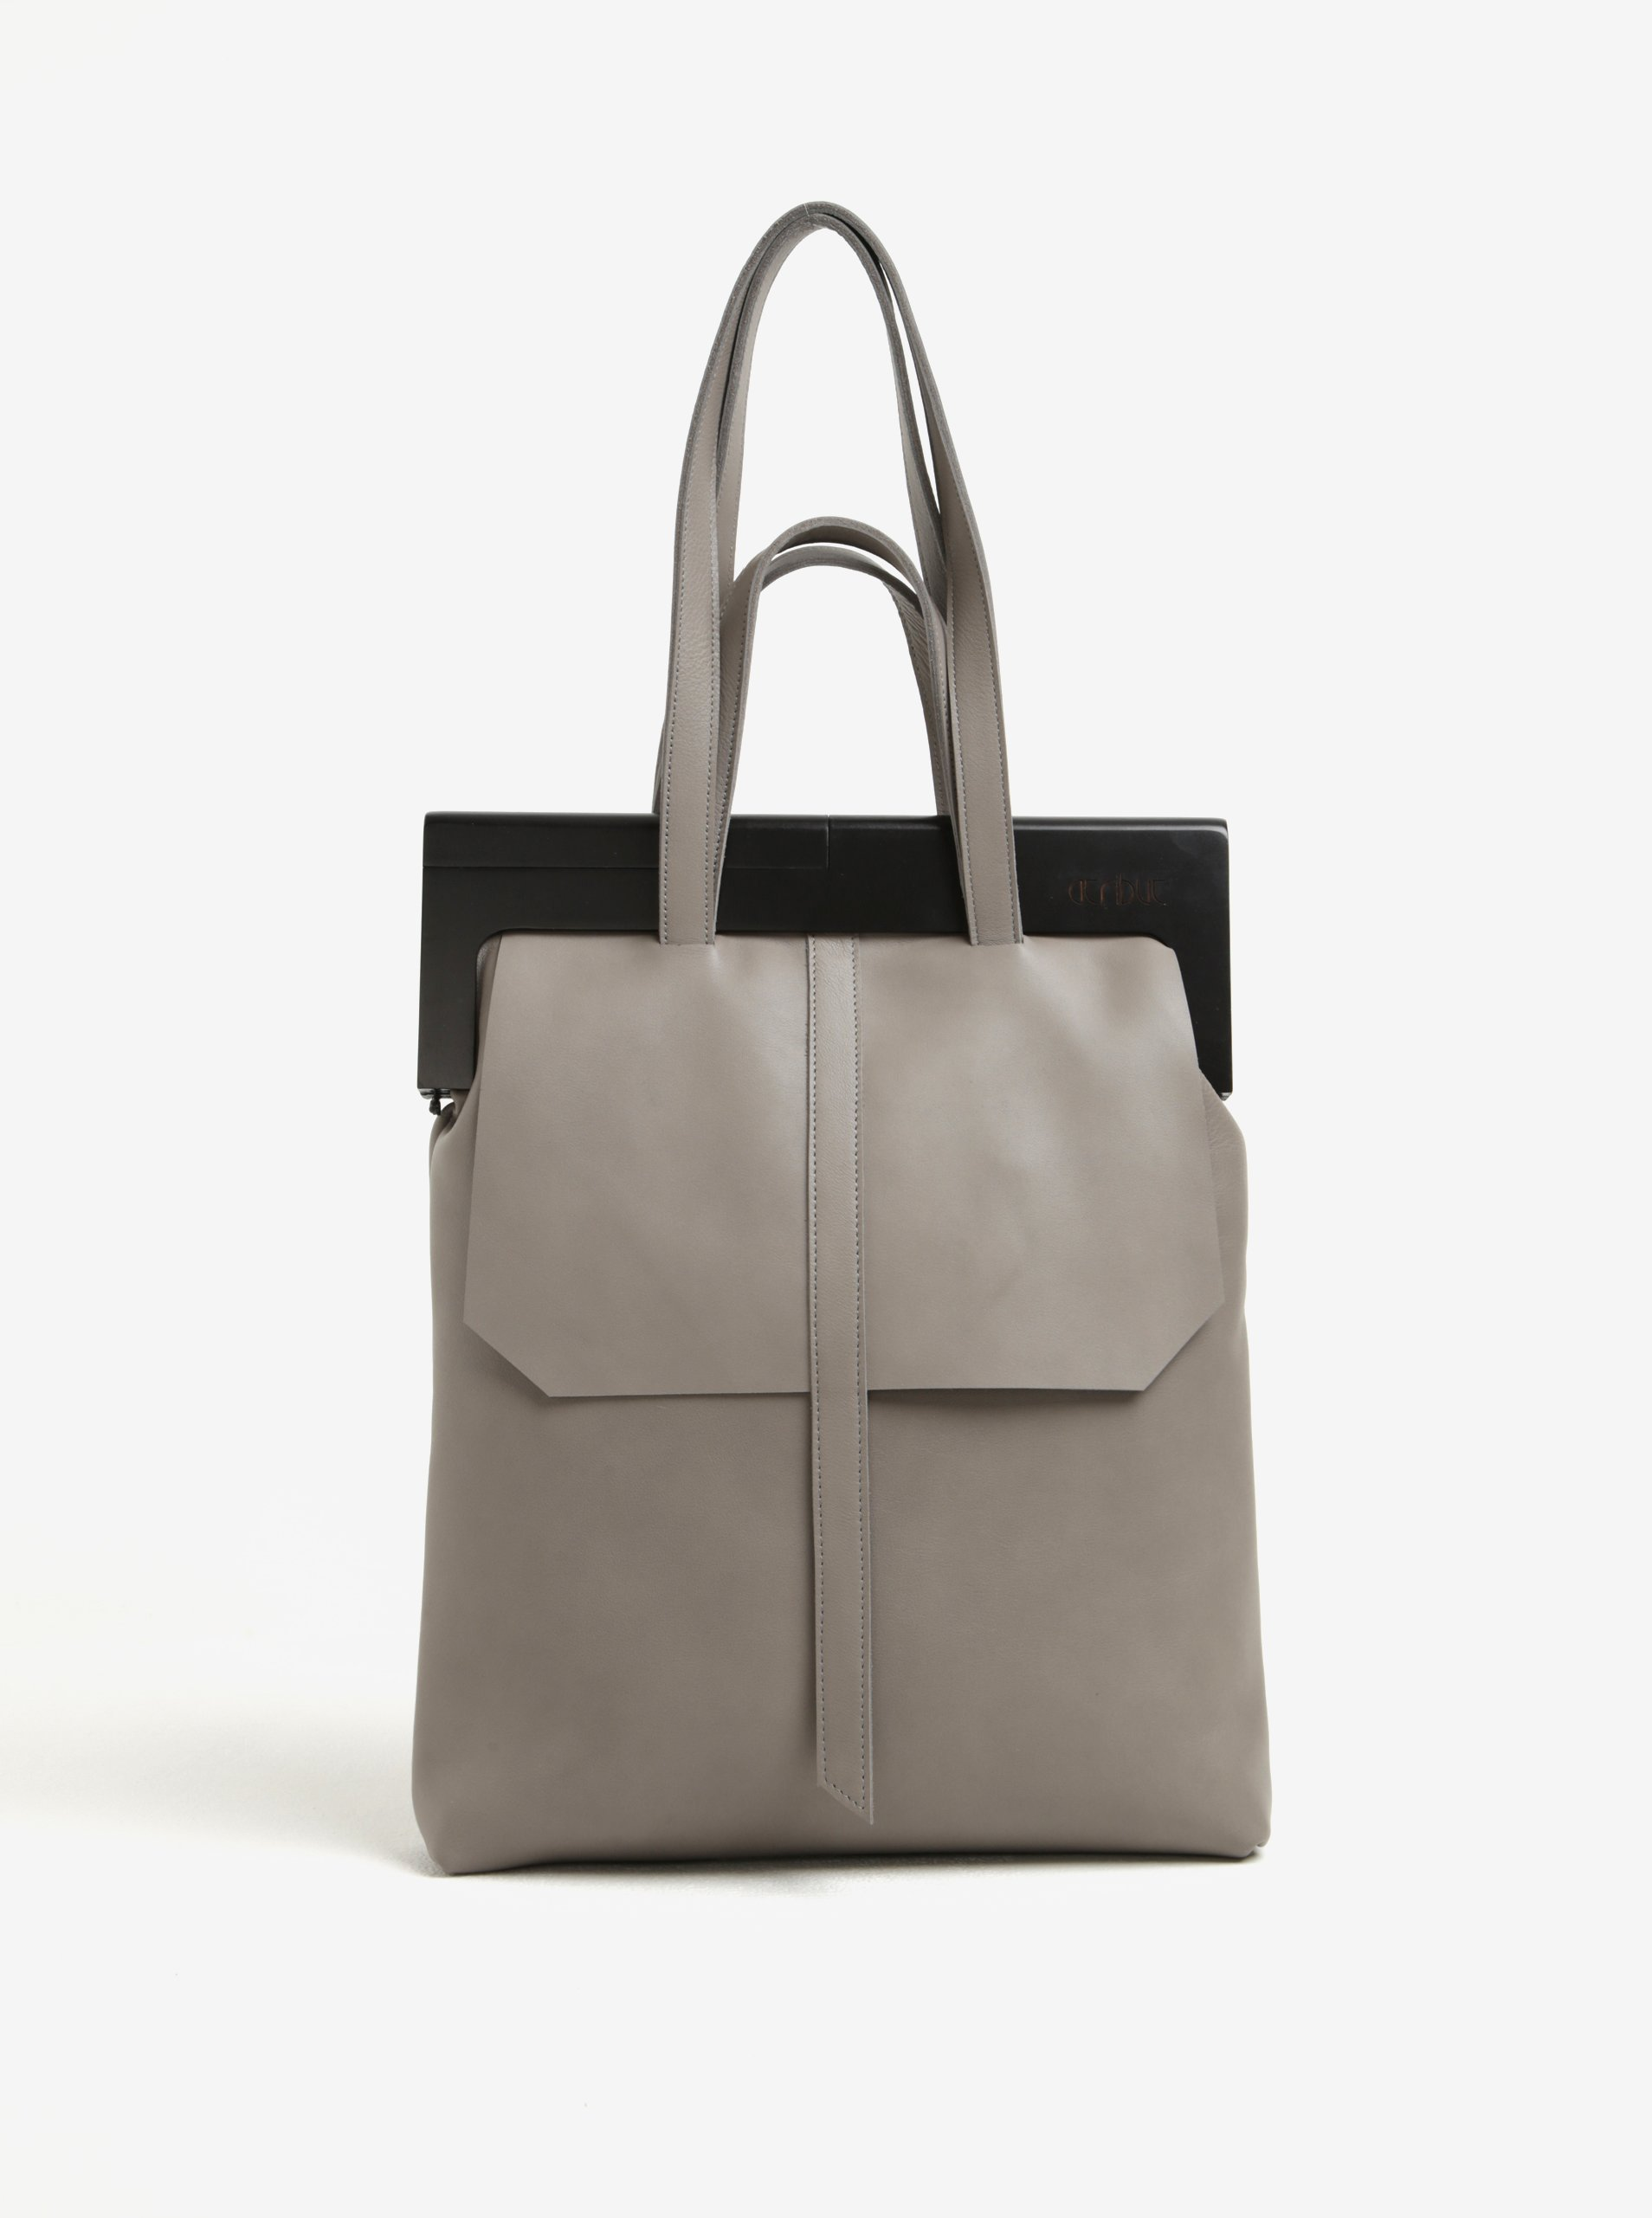 Šedá kožená kabelka s dřevěným rámem Atribut